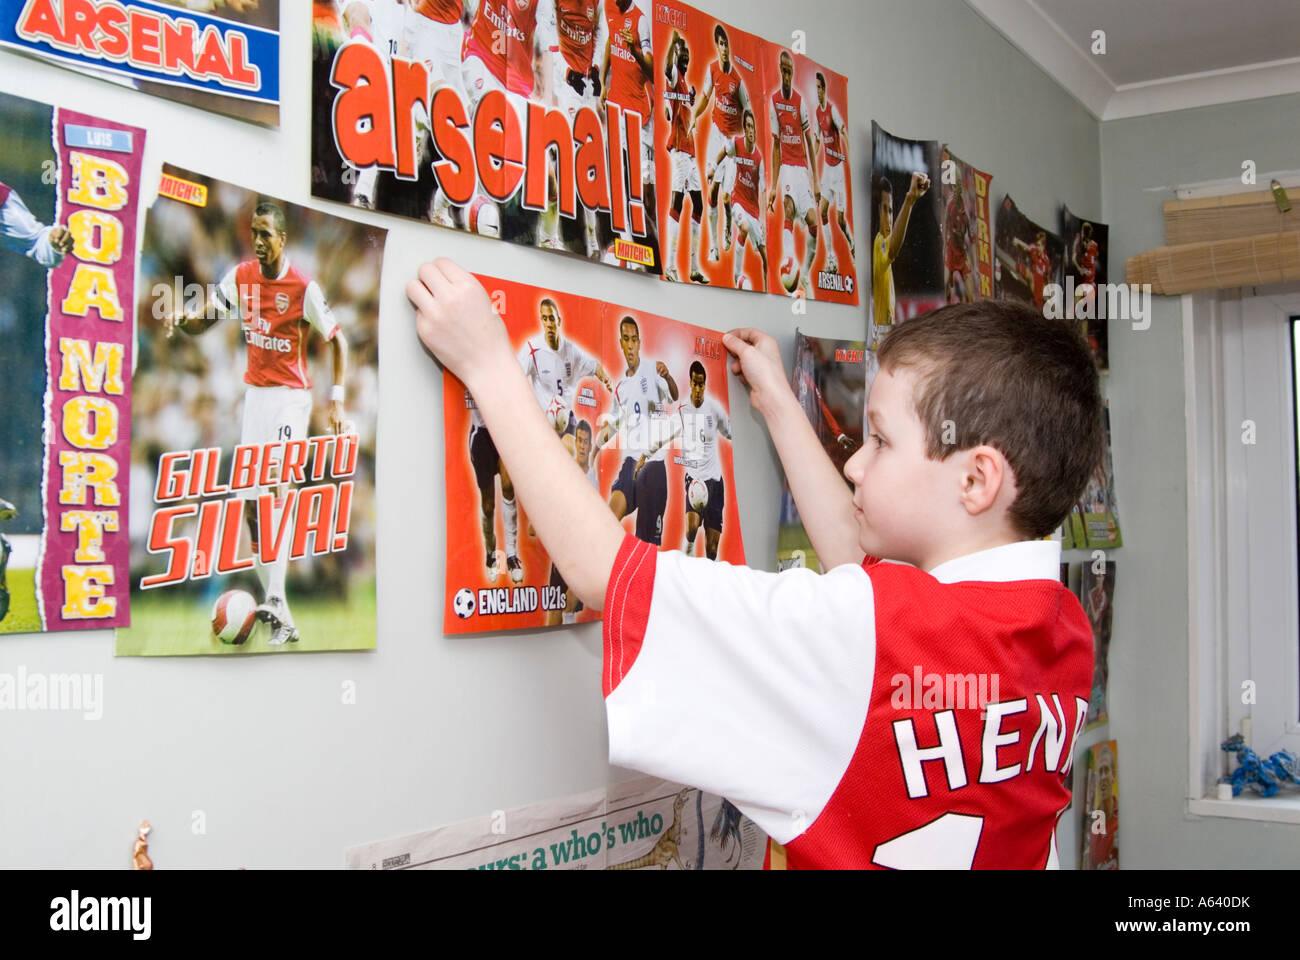 Jeune garçon supporter de football d'Arsenal en posant des affiches sur le mur de sa chambre, London, England, Photo Stock